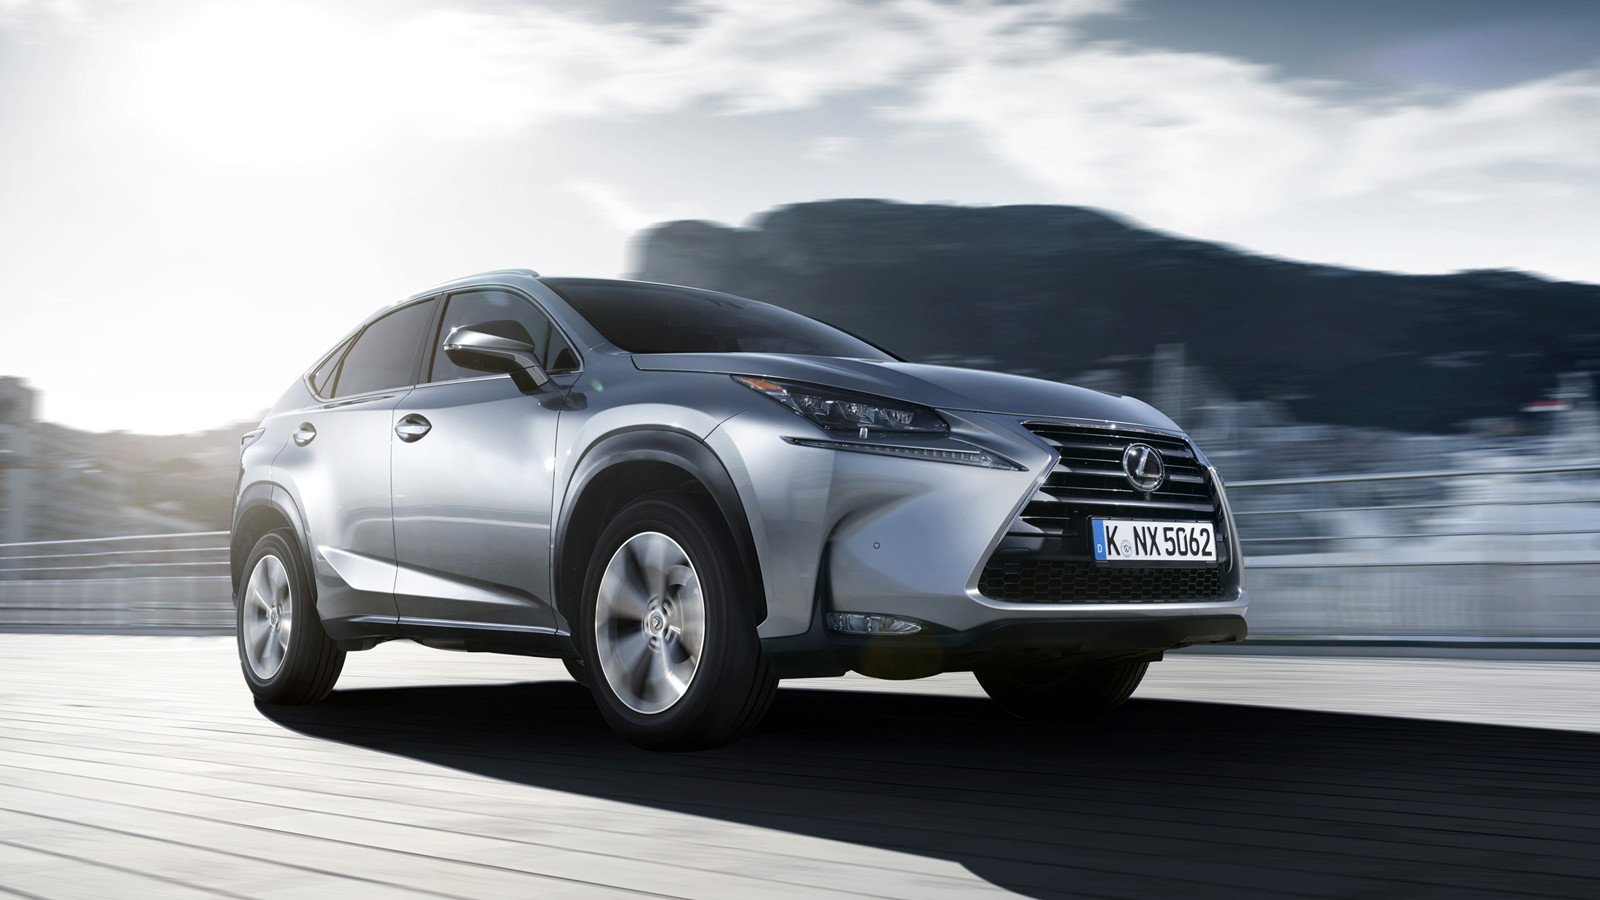 Лексус скидывает цены наавтомобили